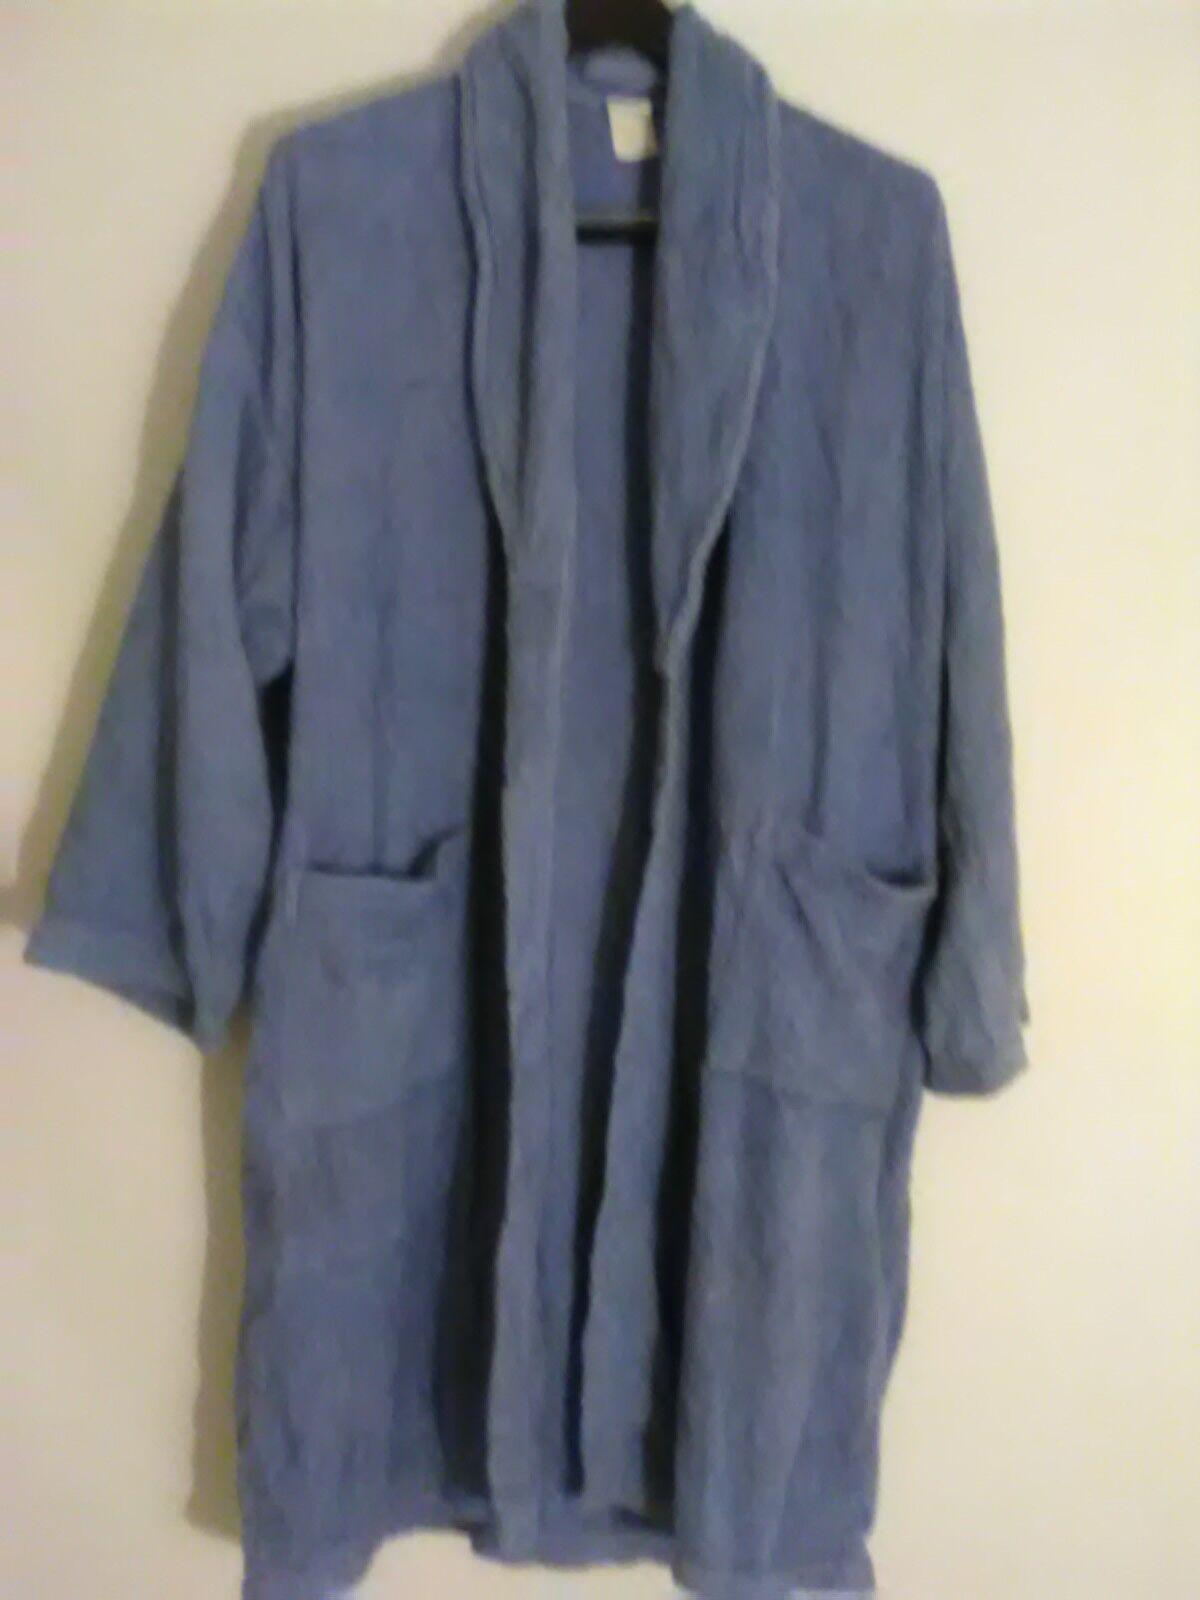 Women's XL Robe Turquoise Fuzzy Full Length Robe NWOT